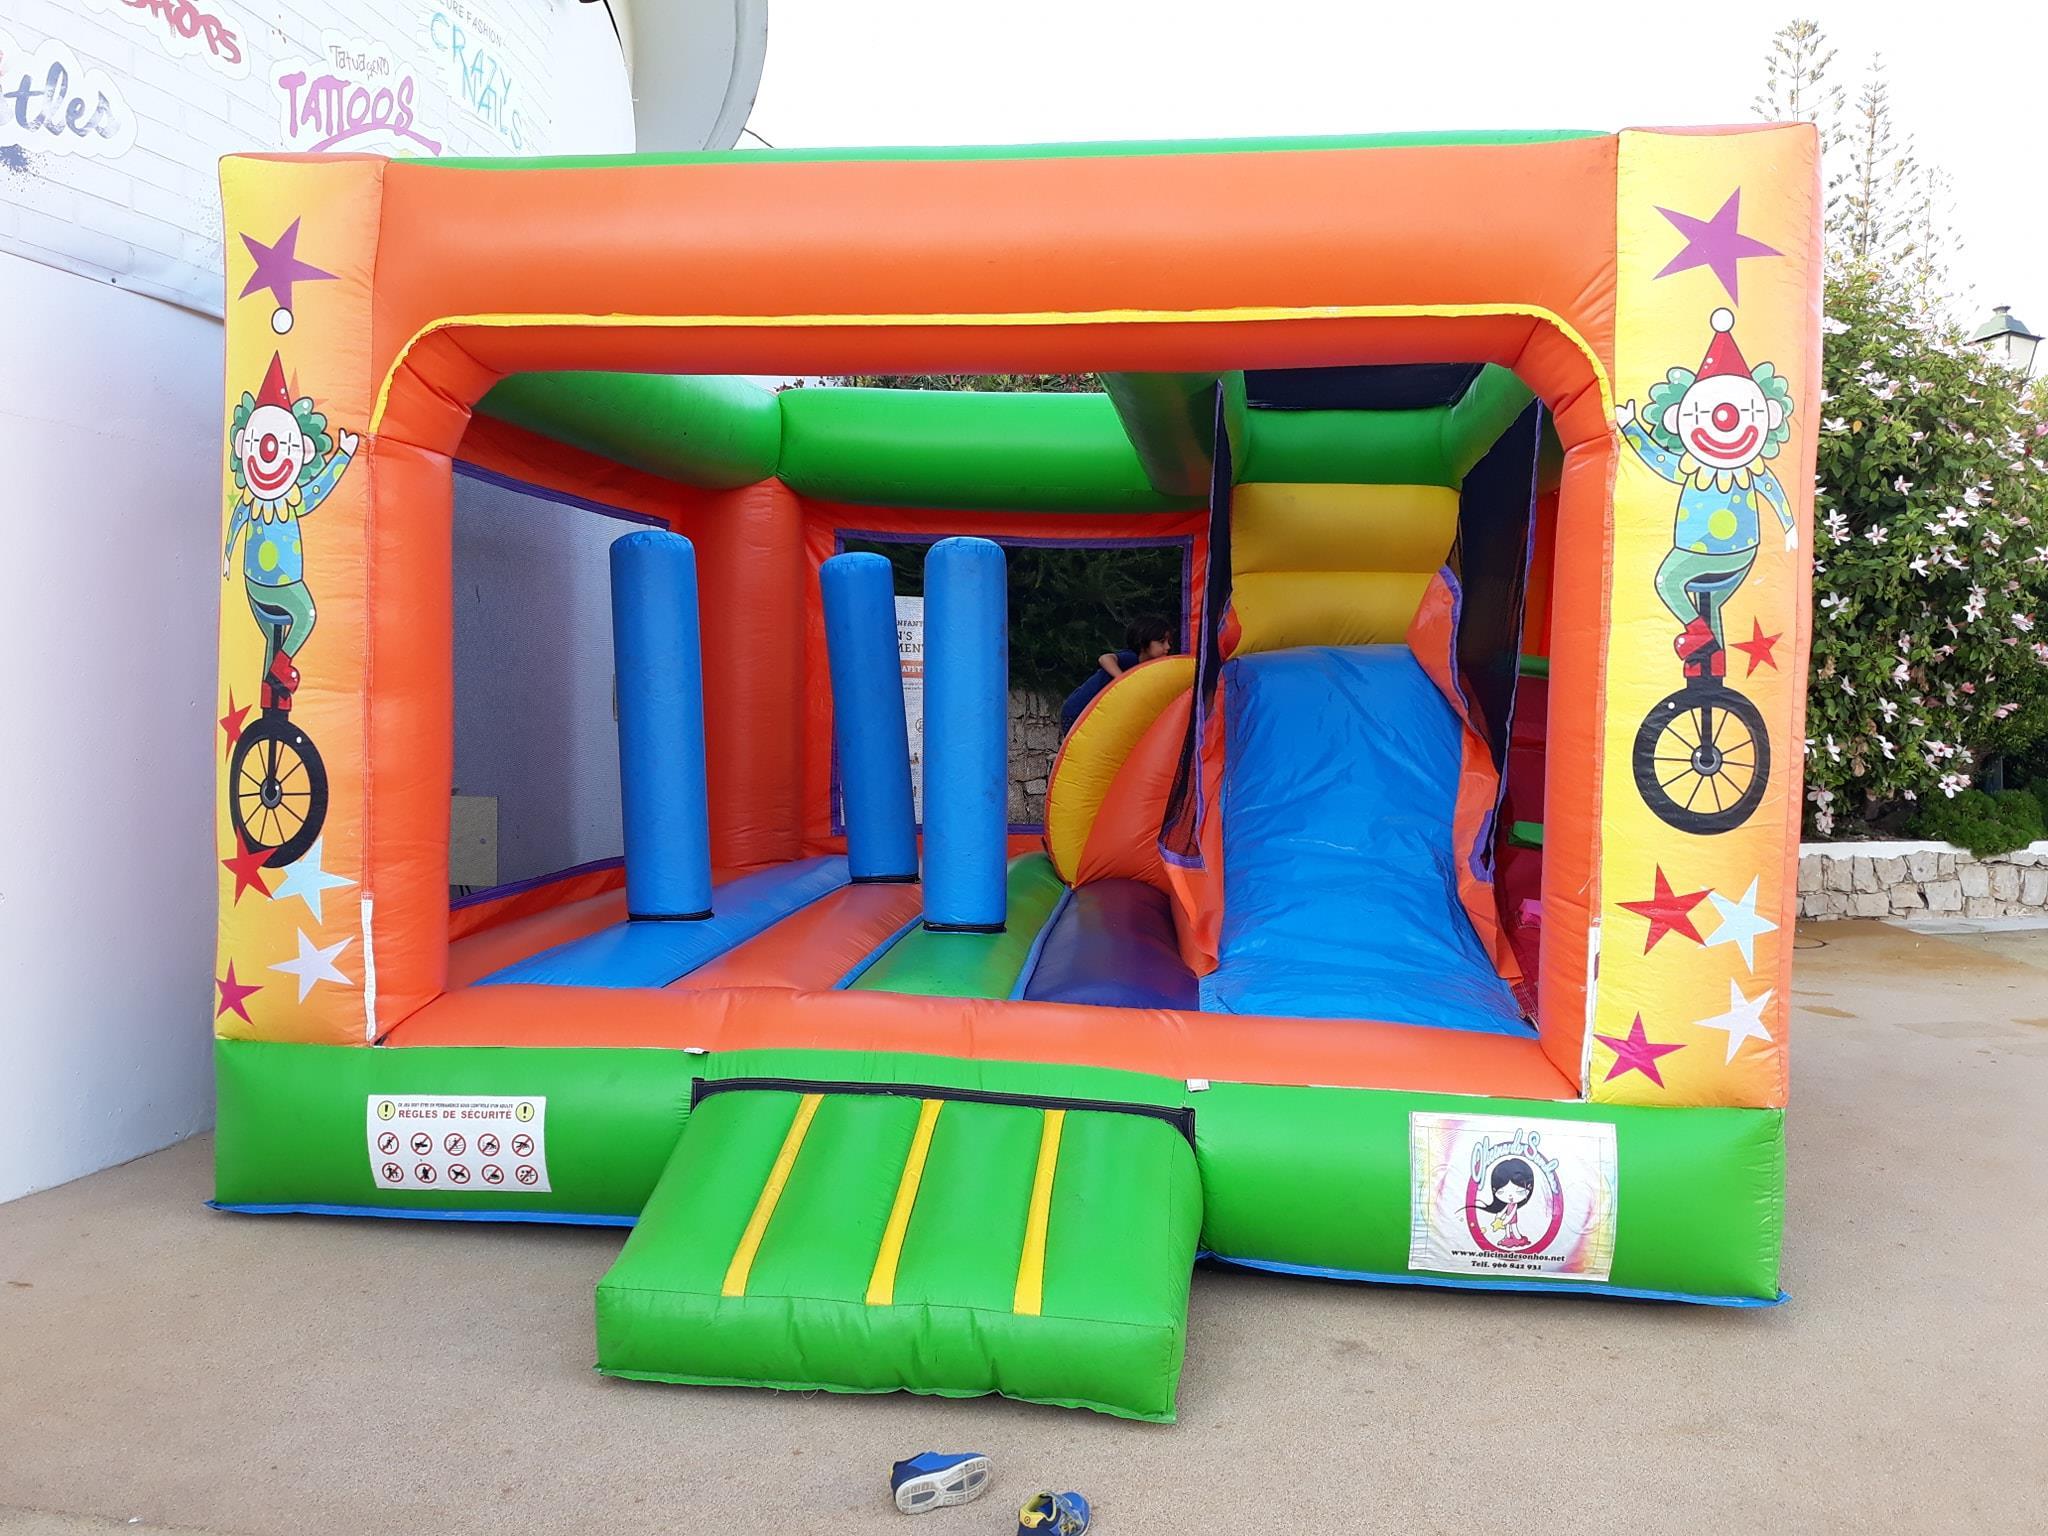 Insuflável Circo | Aluguer de Insufláveis Oficina de Sonhos Algarve